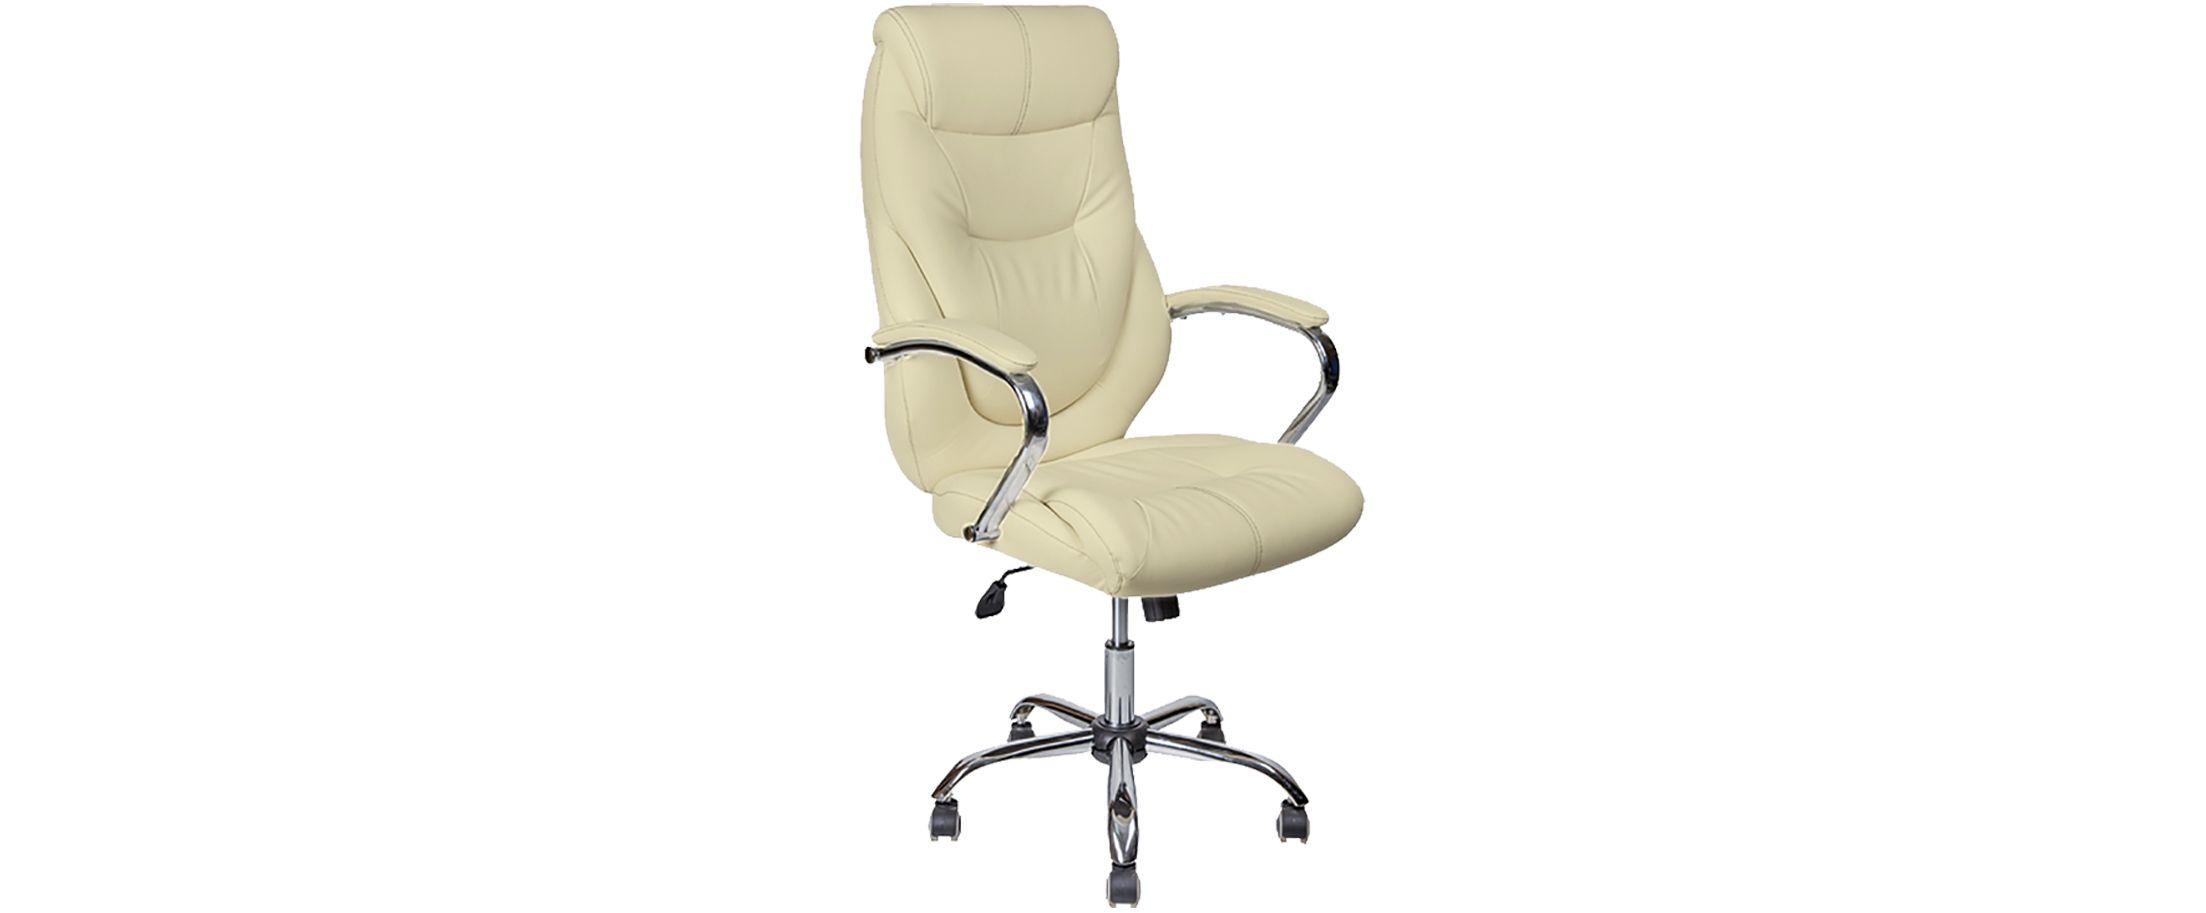 Кресло офисное AV 116 из экокожи цвет слоновая кость Модель 999Кресло офисное AV 116 из экокожи цвет слоновая кость Модель 999. Артикул Д000690<br>